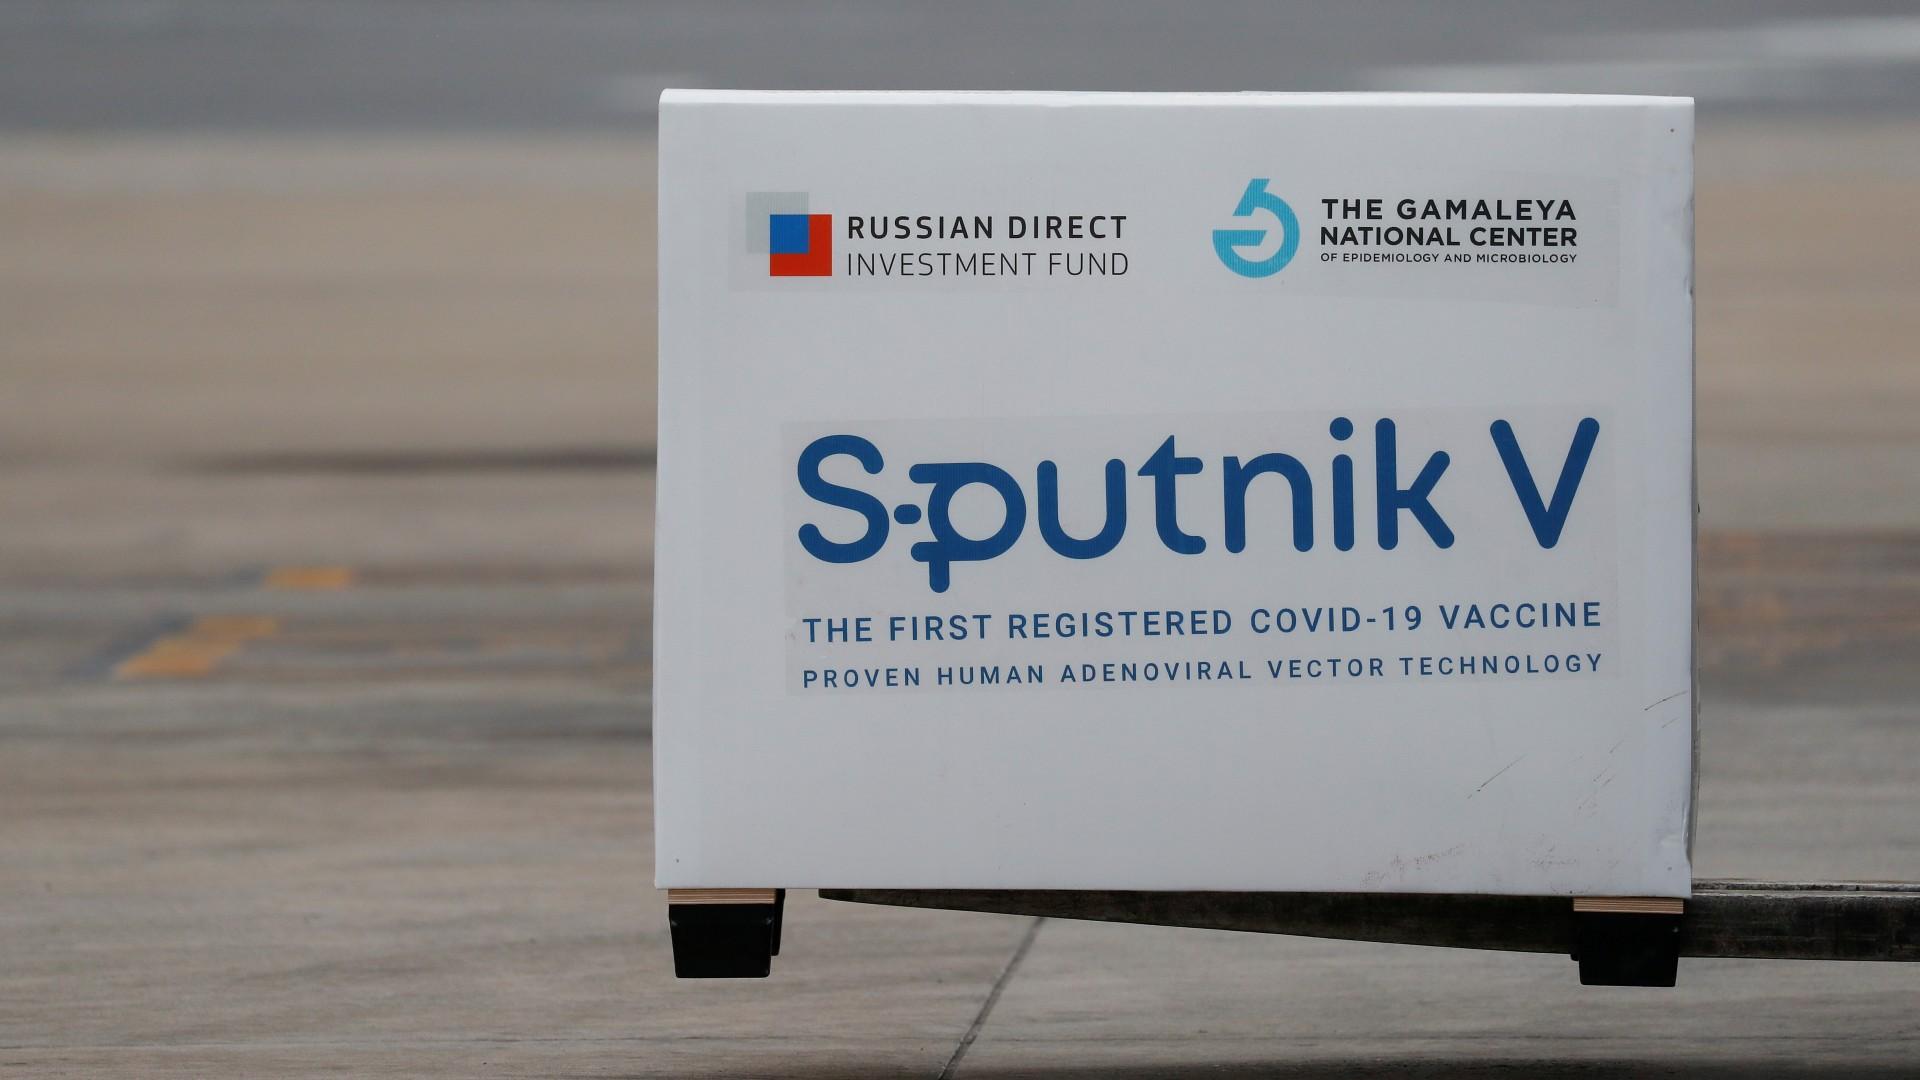 Anvisa diz não ter dados suficientes para análise positiva de benefício-risco da Sputnik V